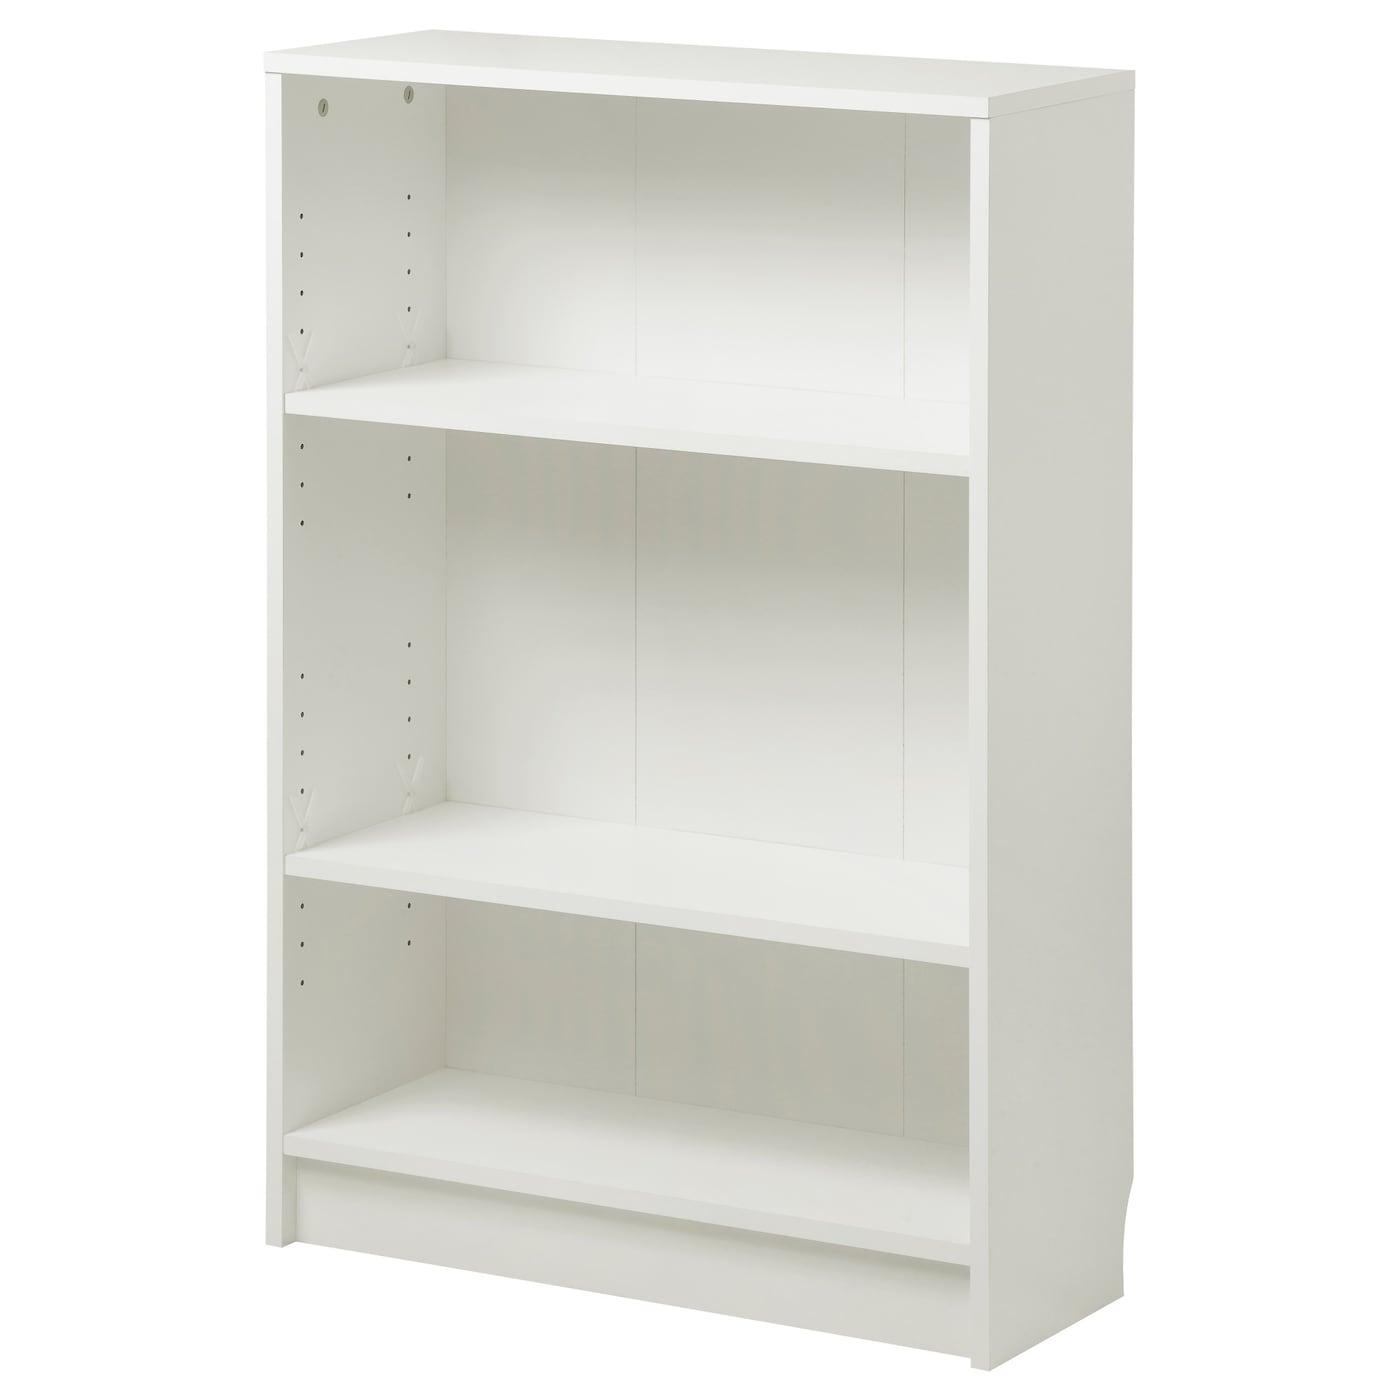 Ikea Avdala Bookcase